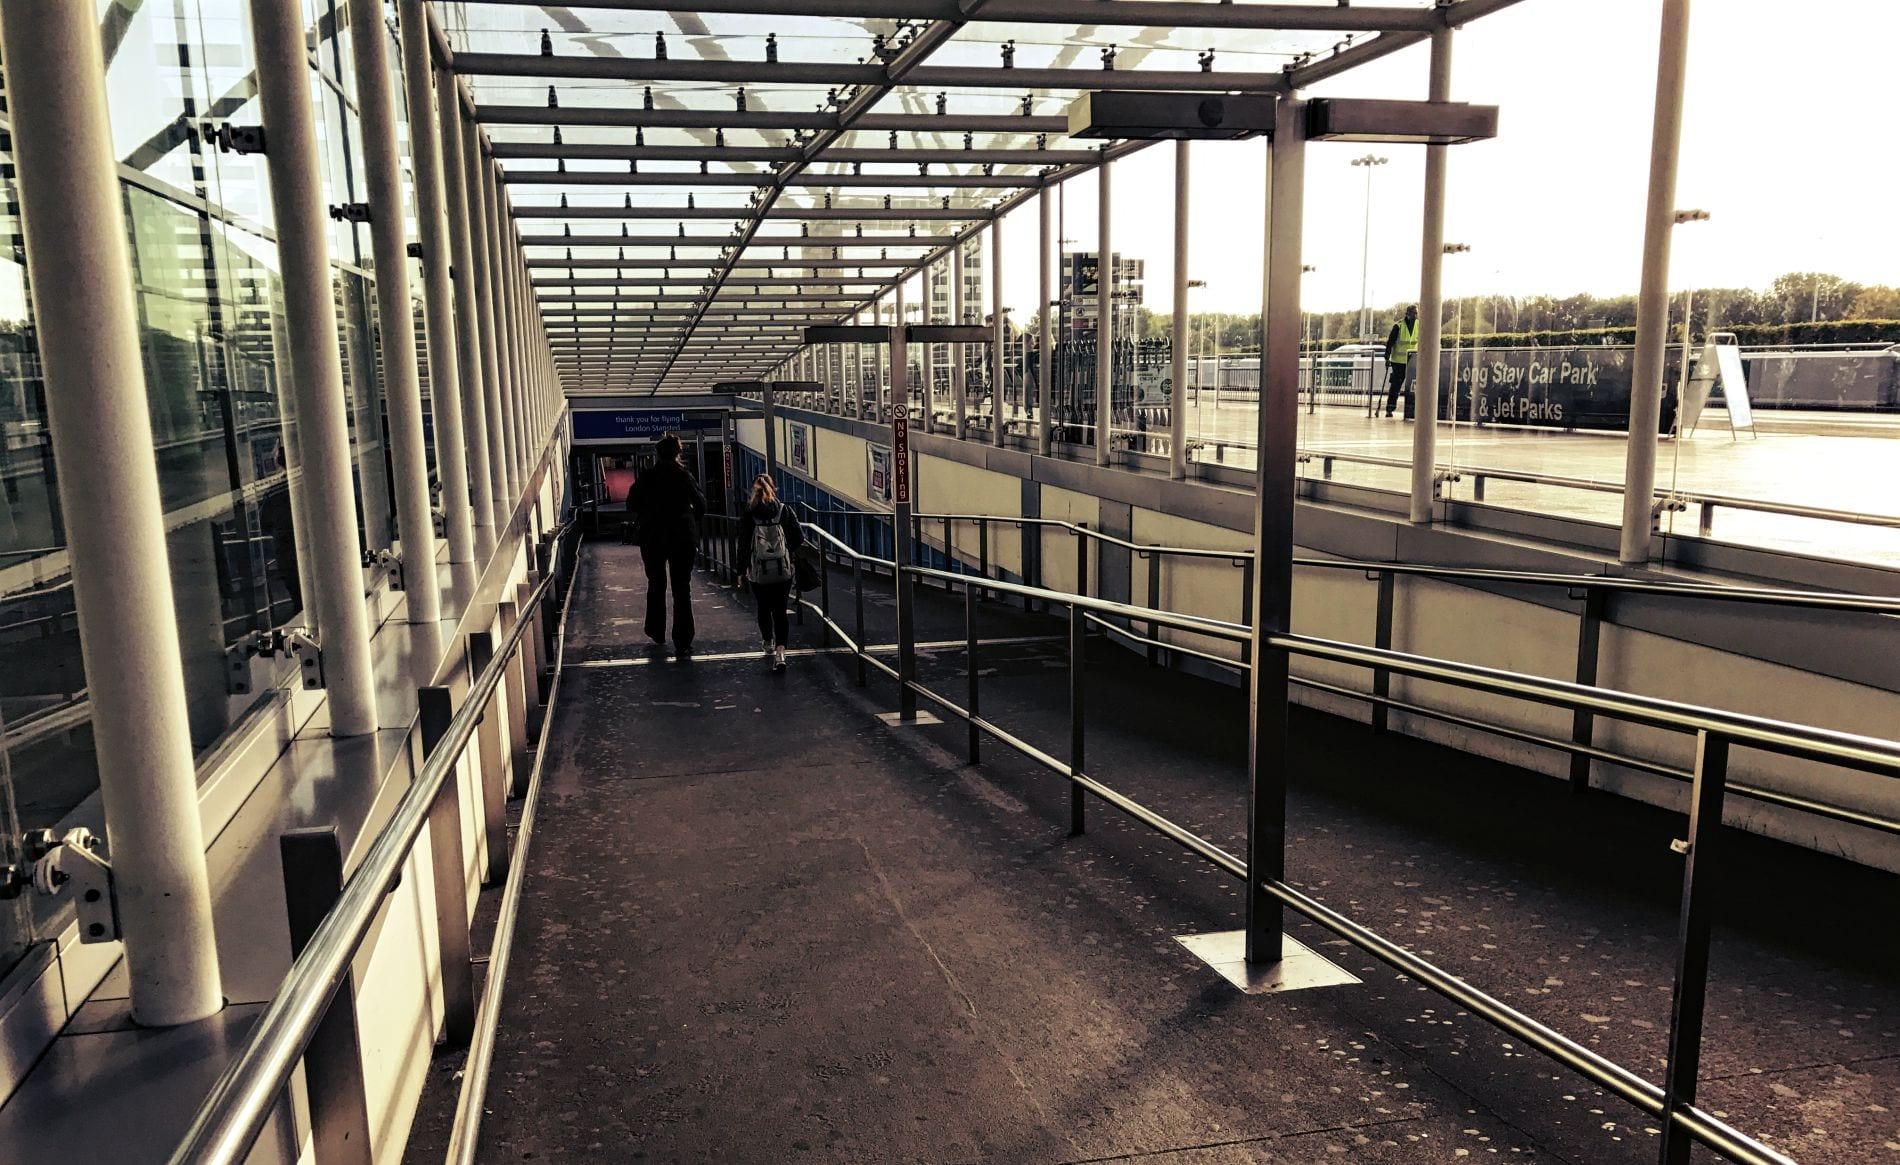 stansted-nach-london-bus-weg-zu-bussen